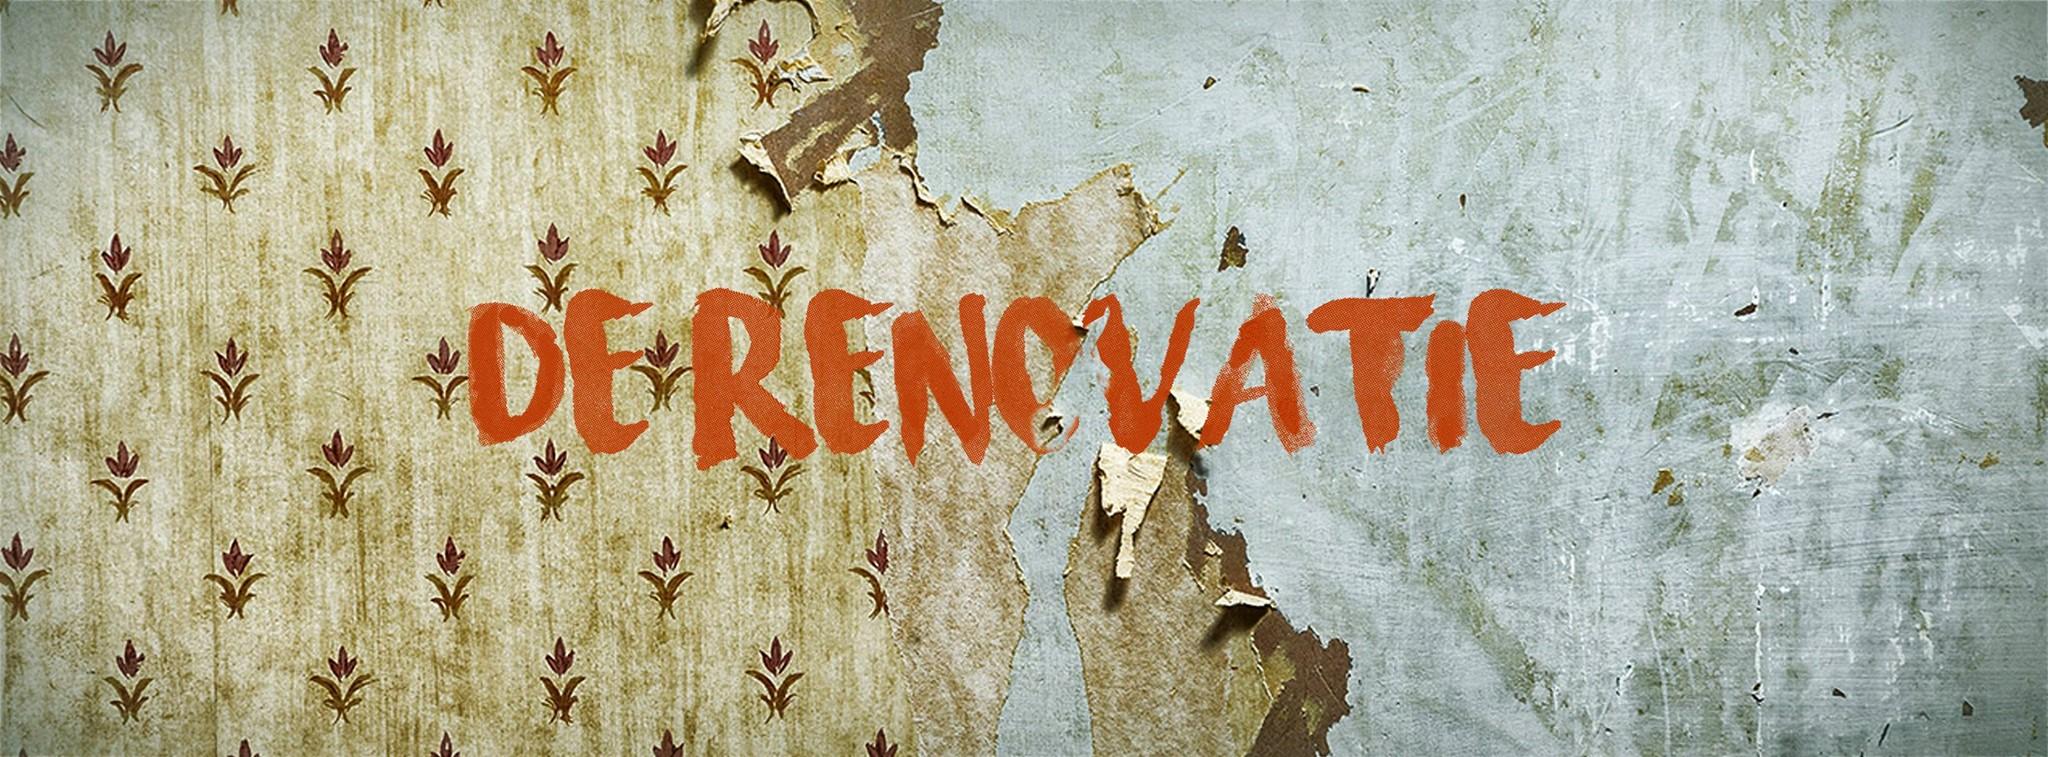 de-renovatie